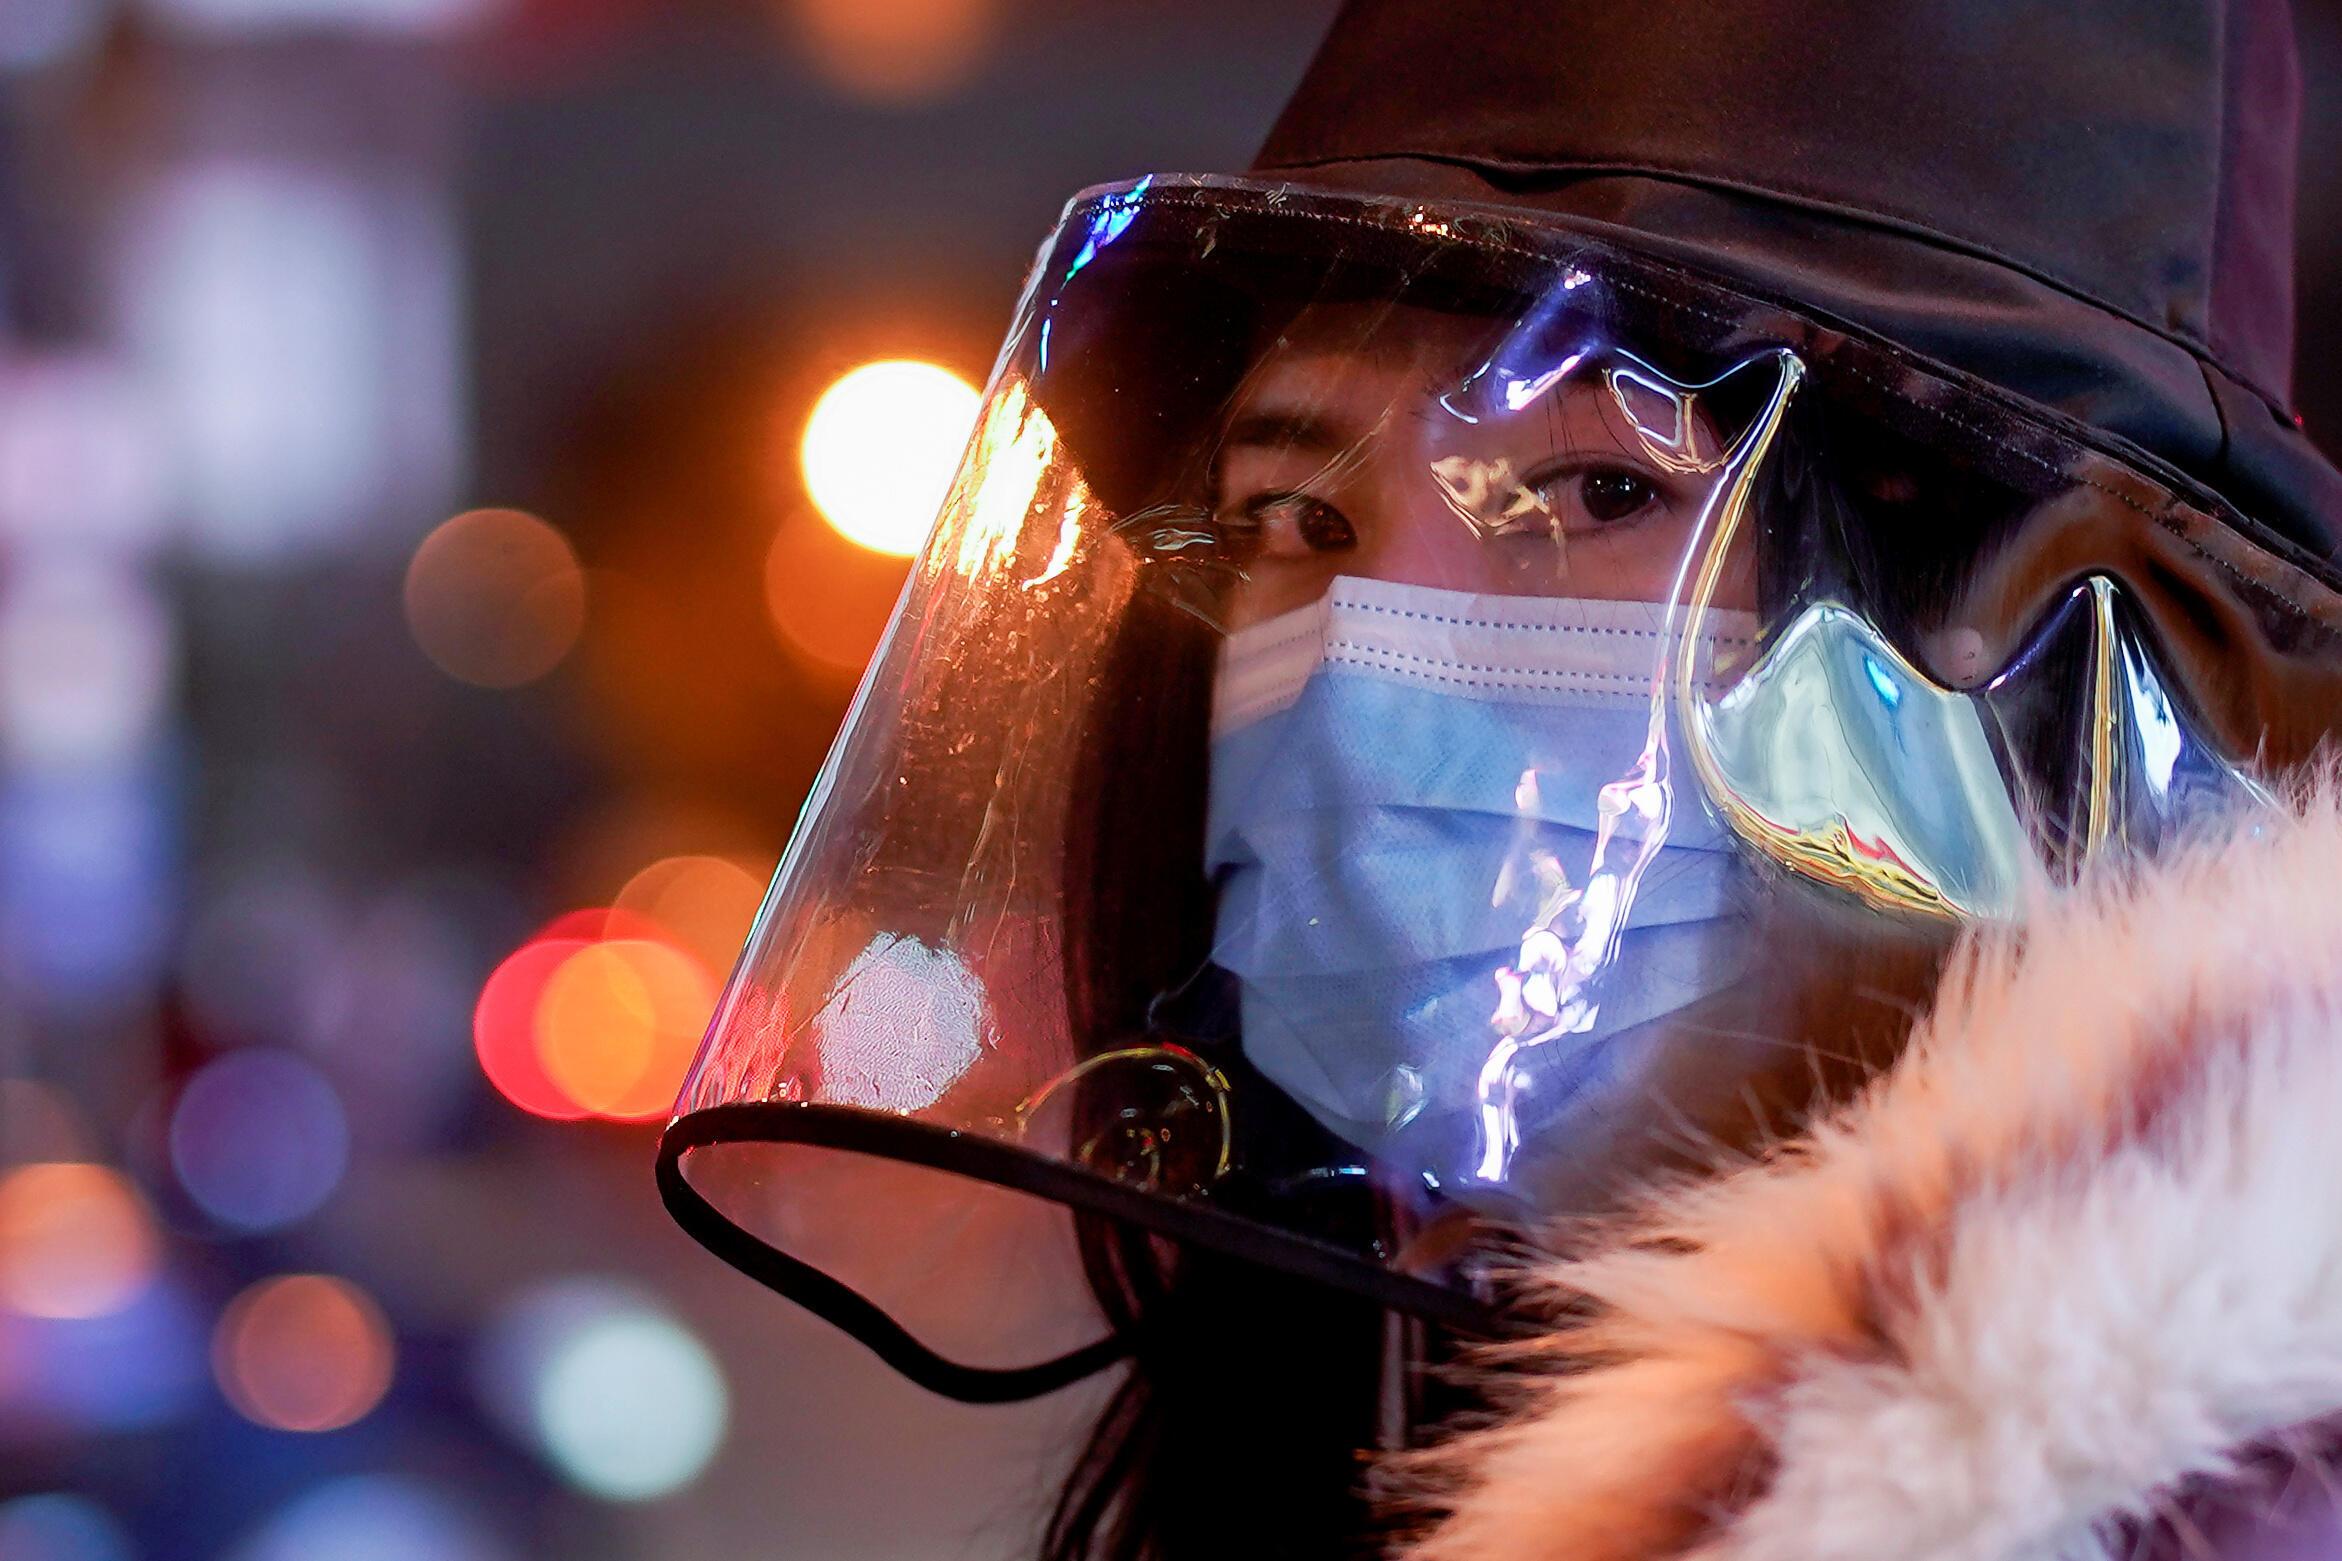 امرأة تضع أقنعة للوقاية من فيروس كورونا